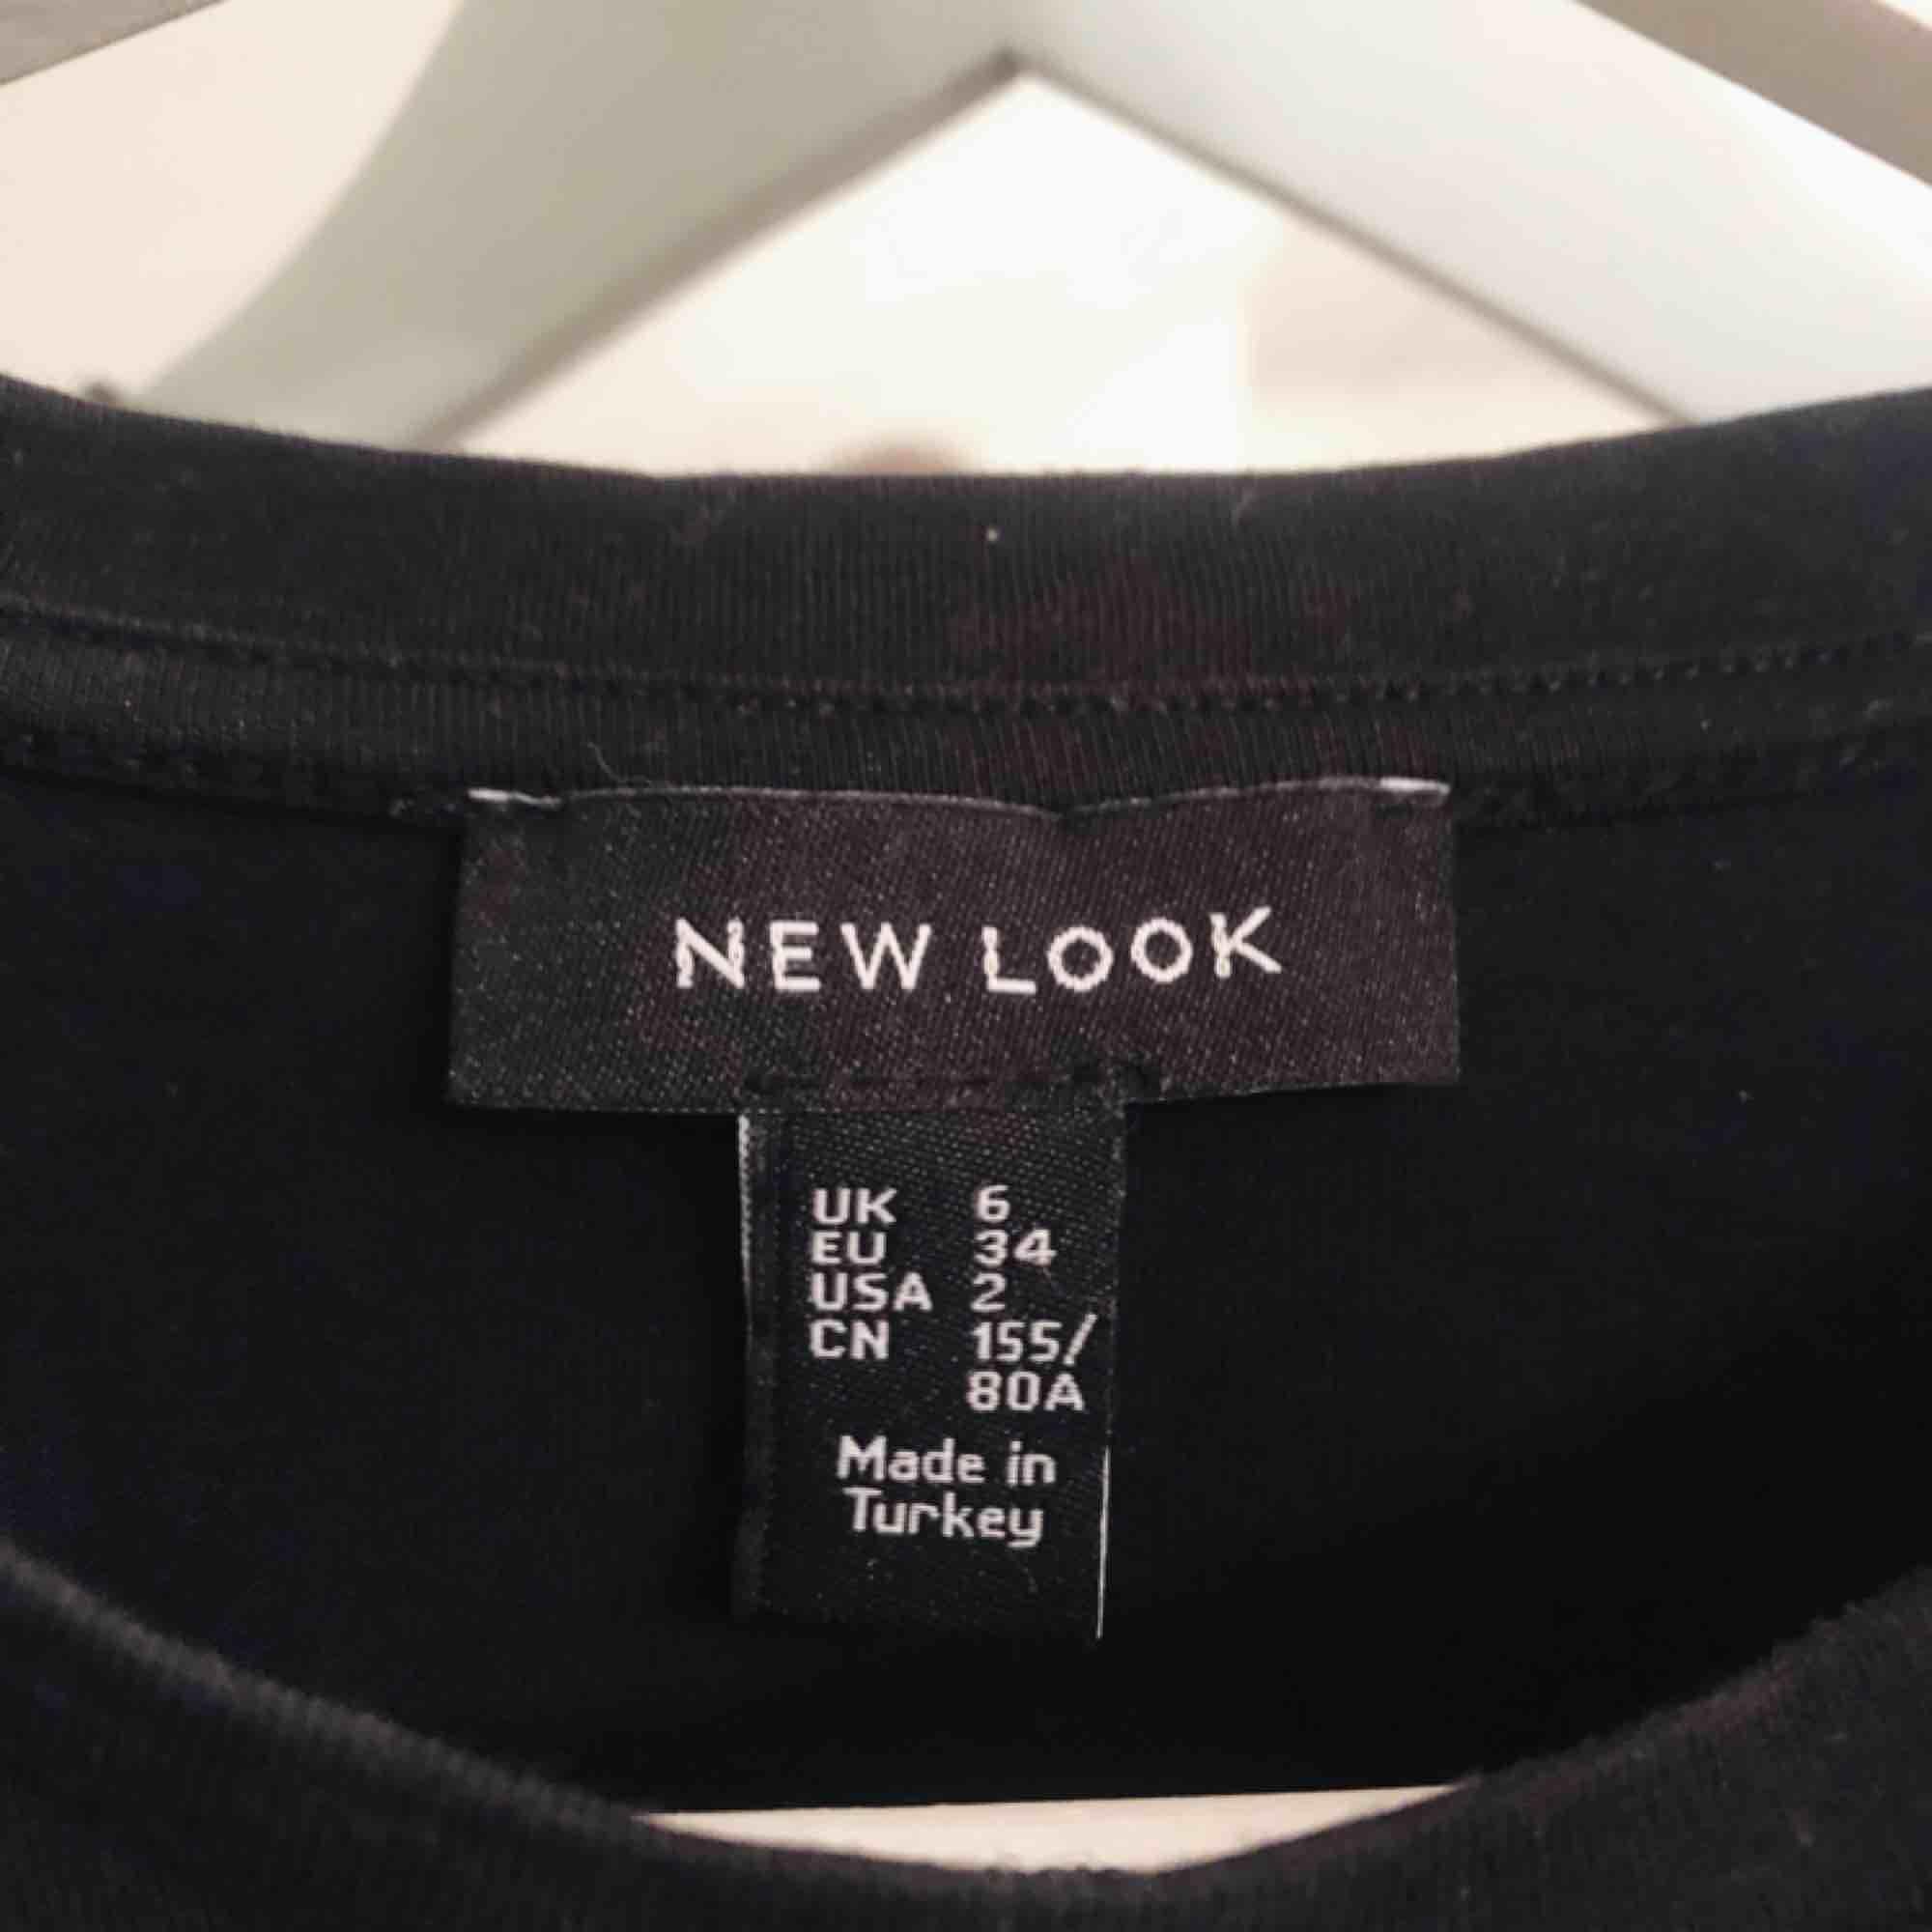 Snygg tröja ifrån Nelly som knappt är använd, tröjan har knytning i mitten. T-shirts.